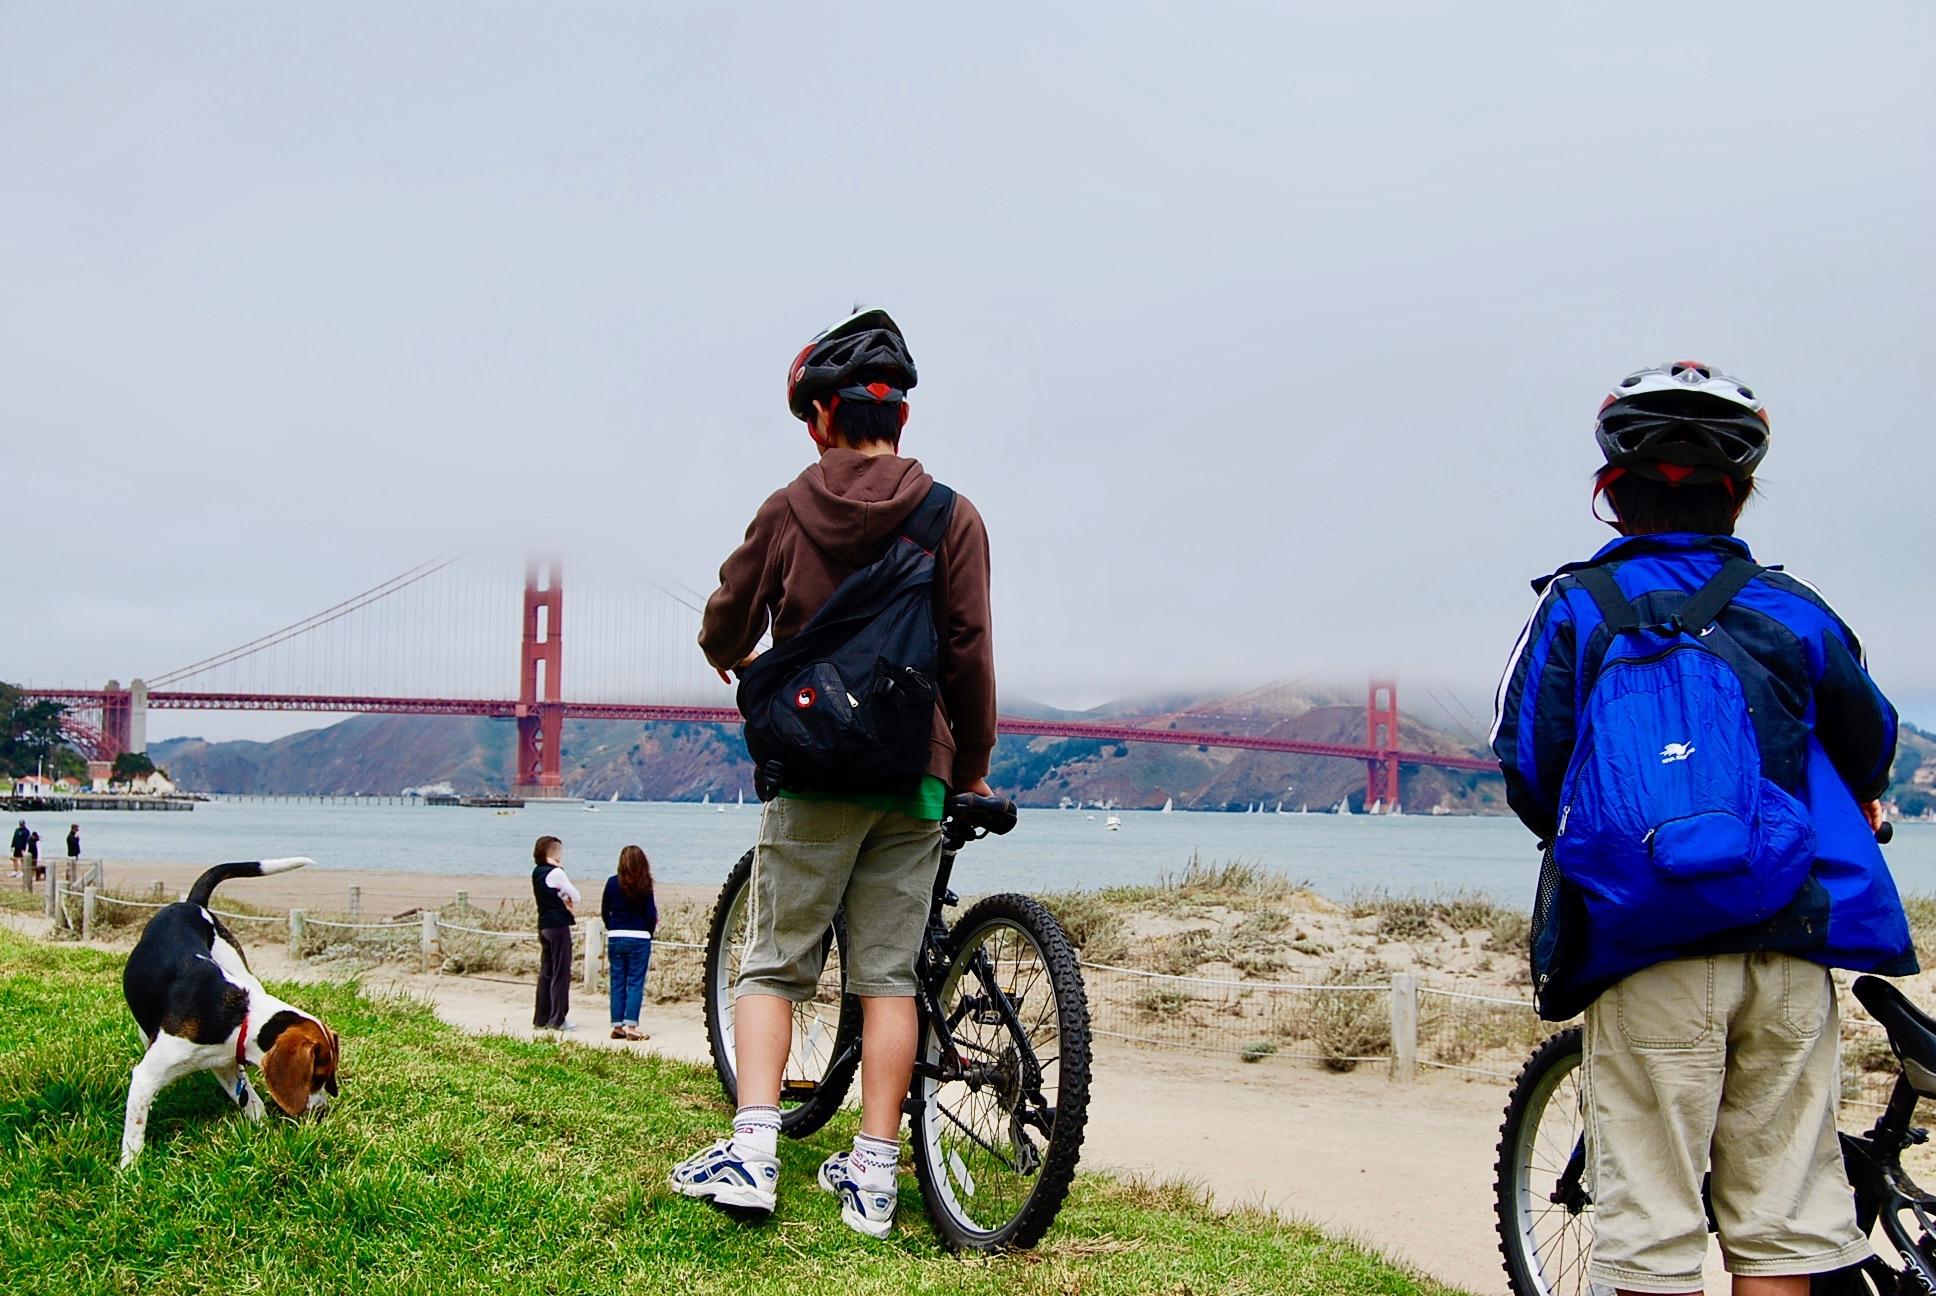 ゴールデンゲートブリッジへ向かってサイクリングする子供達